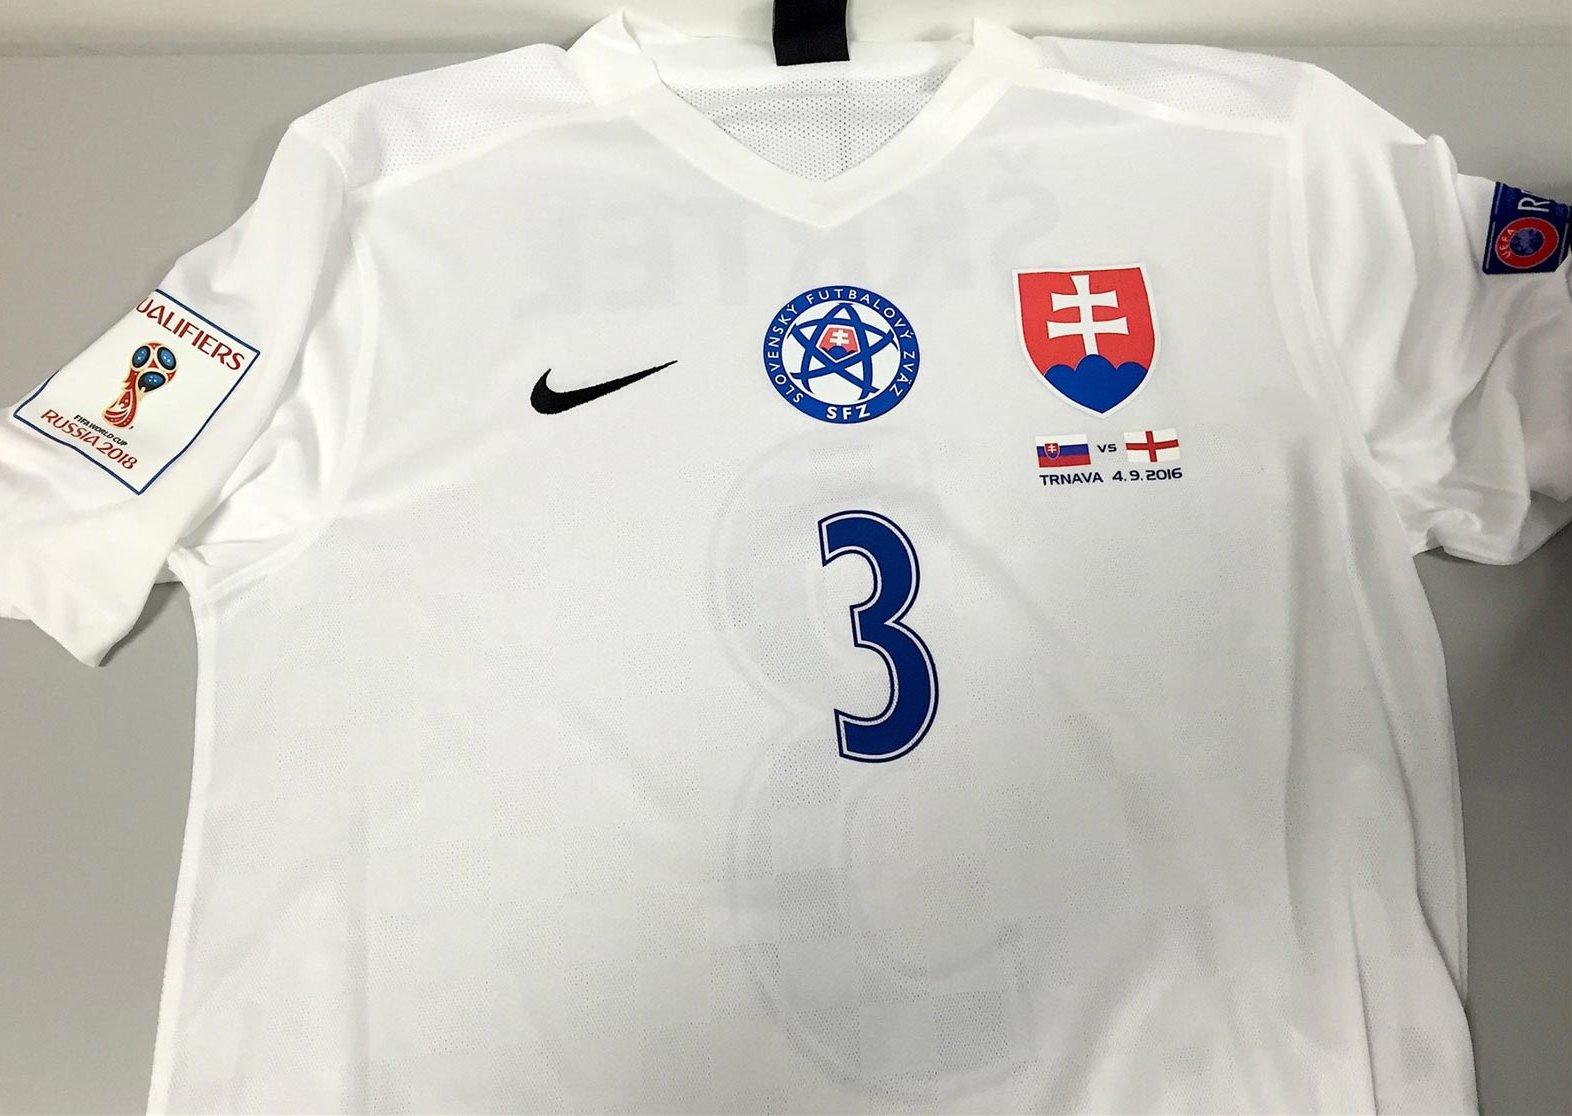 Nike apresenta nova camisa titular da Eslováquia - Show de Camisas 16ebe97de19d1